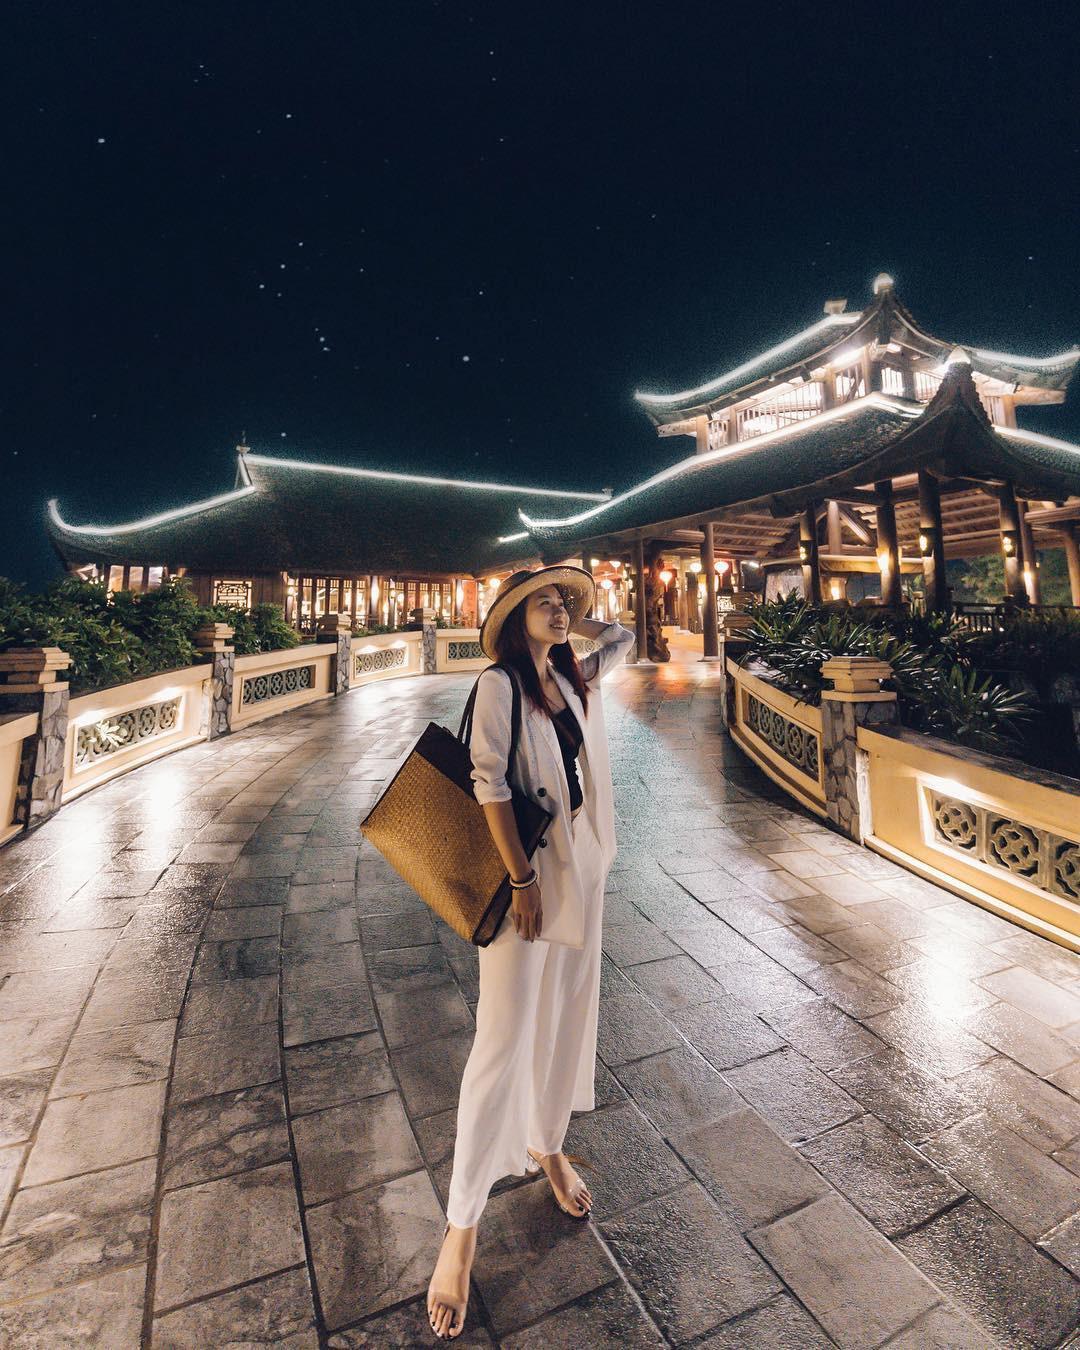 Không chỉ Hang Múa, Tràng An hay Tam Cốc, điểm đến này cũng luôn nằm trong check-list khi đến với Ninh Bình - Ảnh 7.